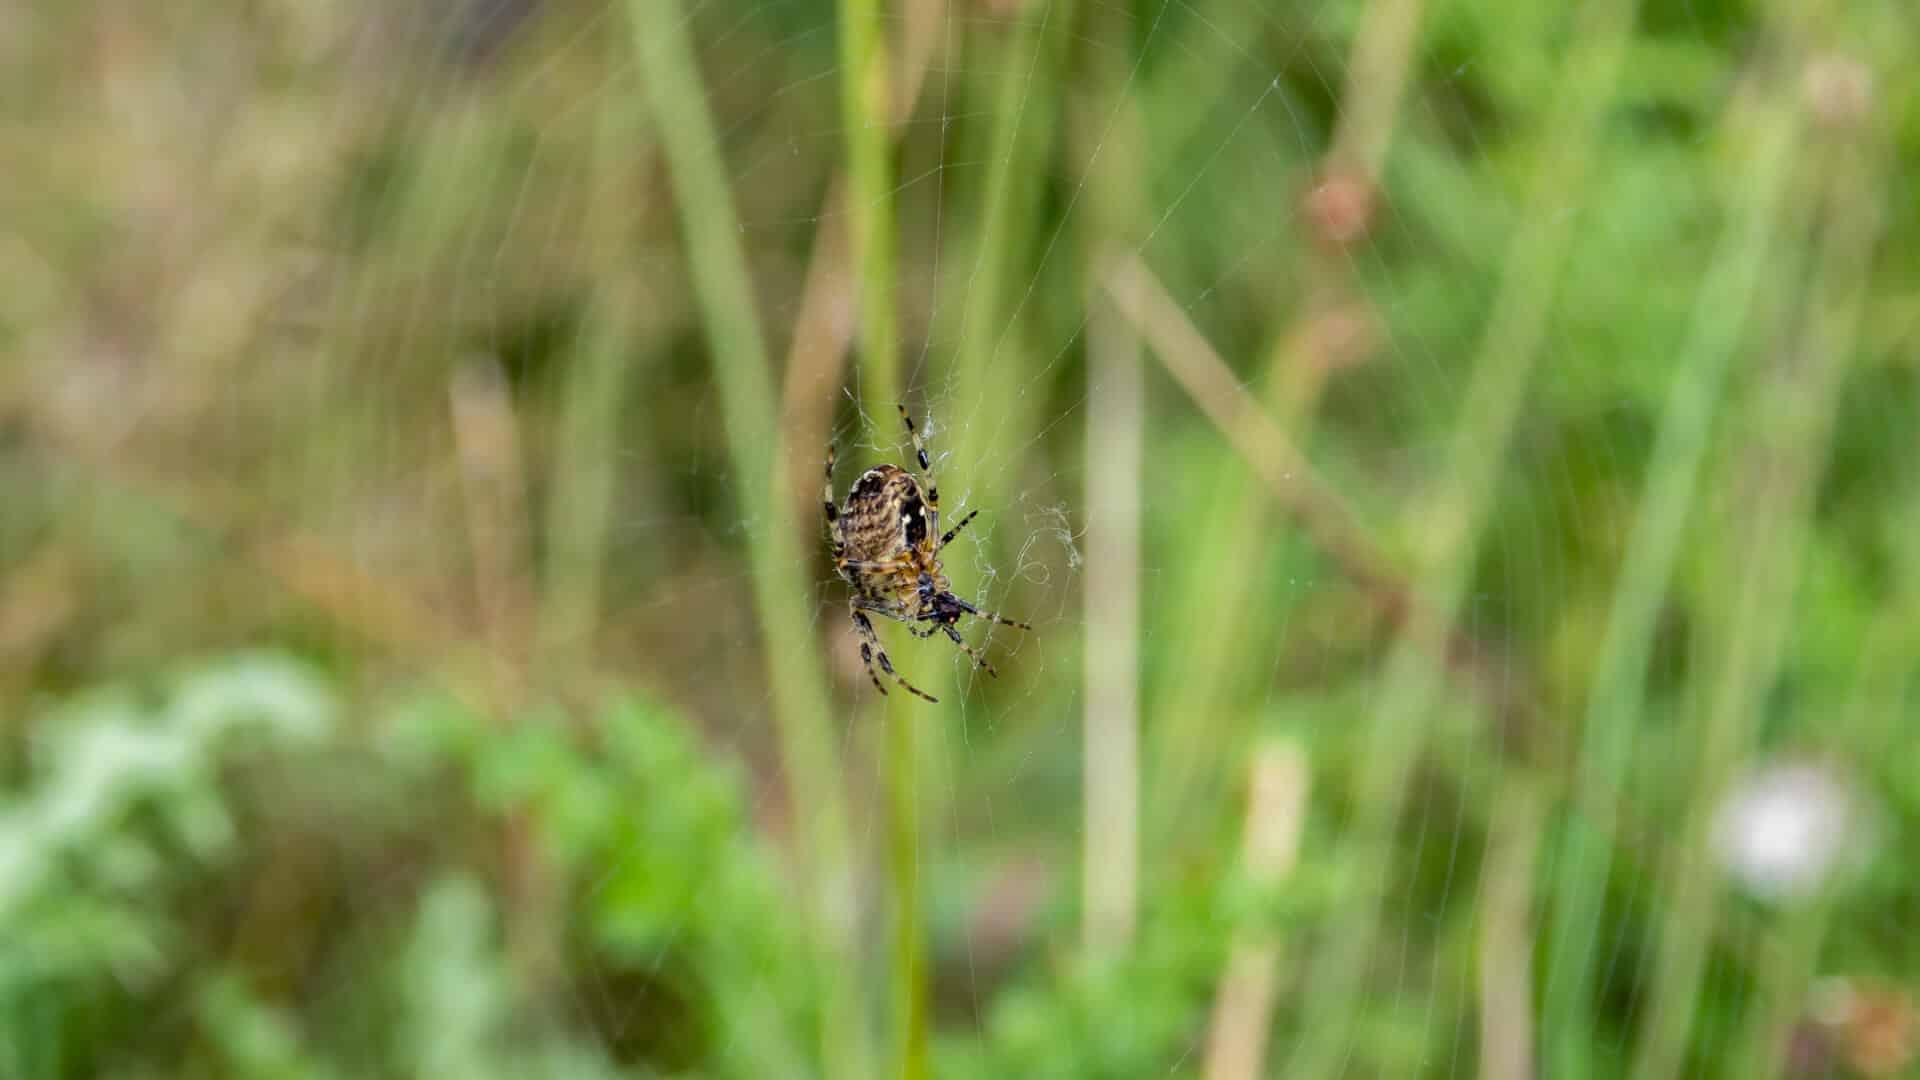 Spinne, aber welche?